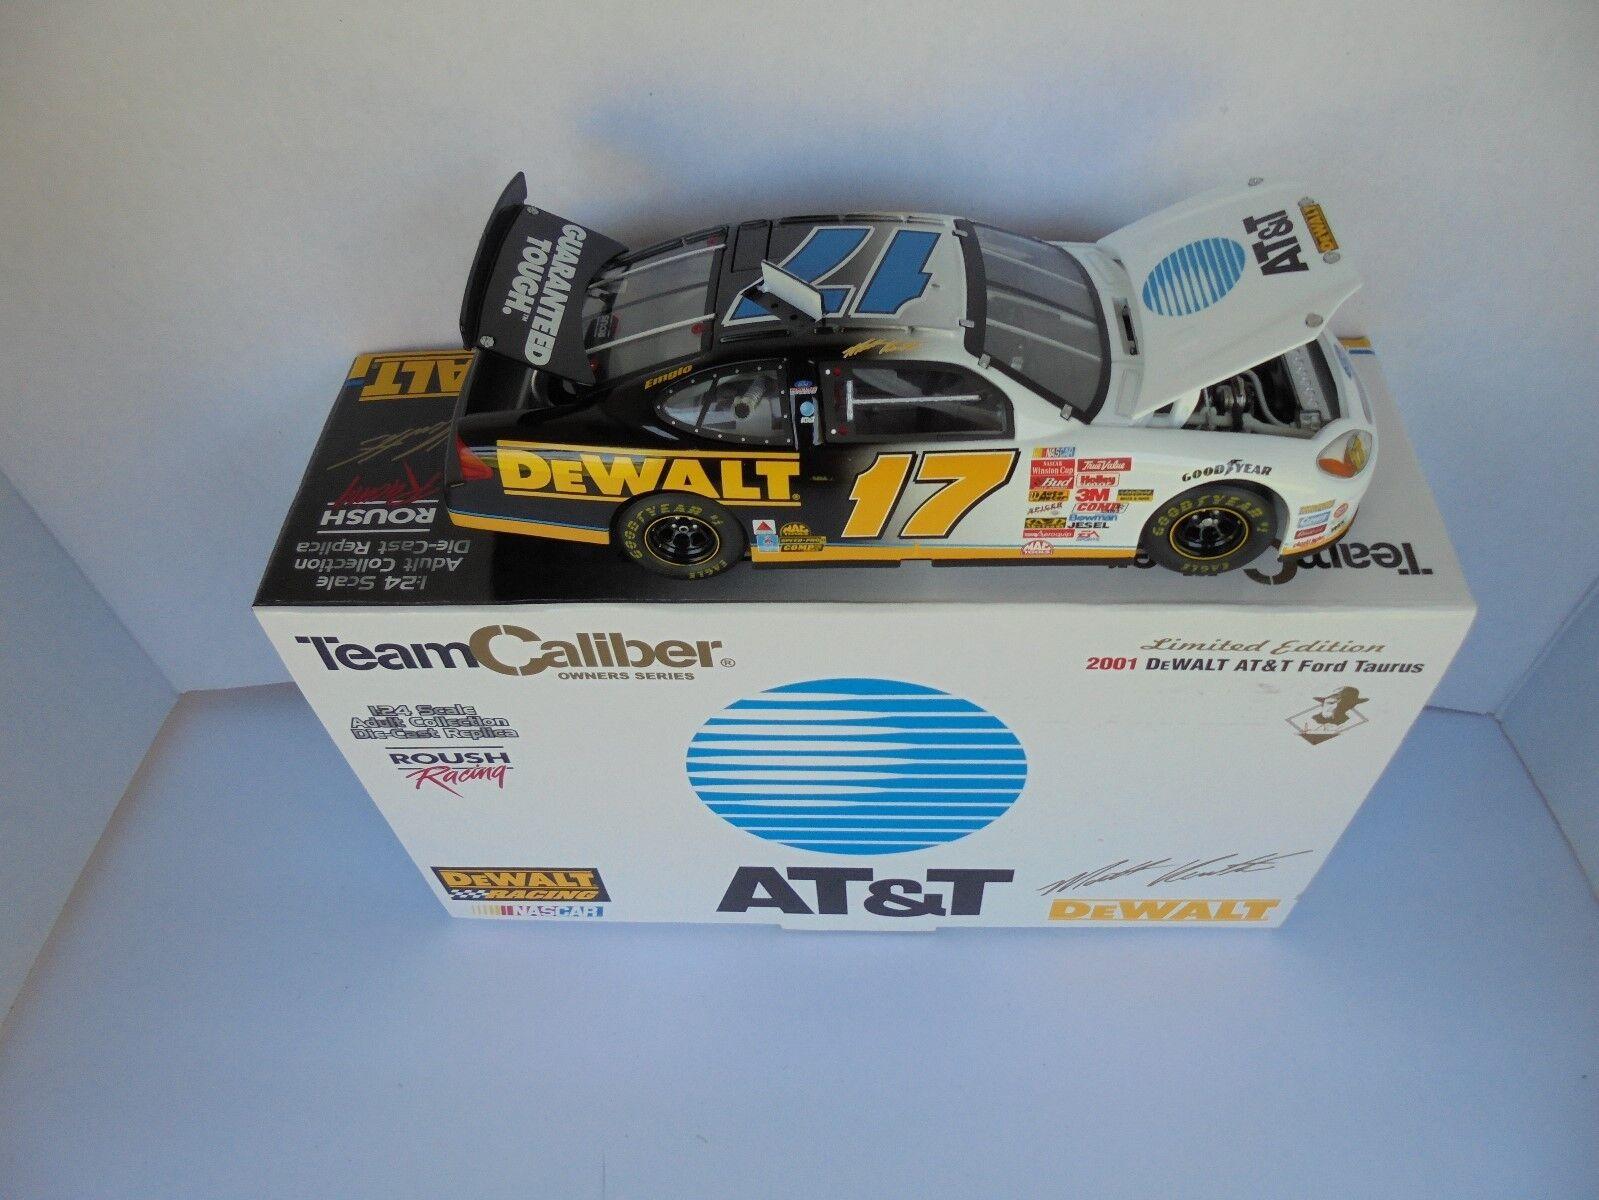 Matt Kenseth  17 DEWALT at&t 2001 Ford Taurus Terminaison NASCAR Diecast Collectible